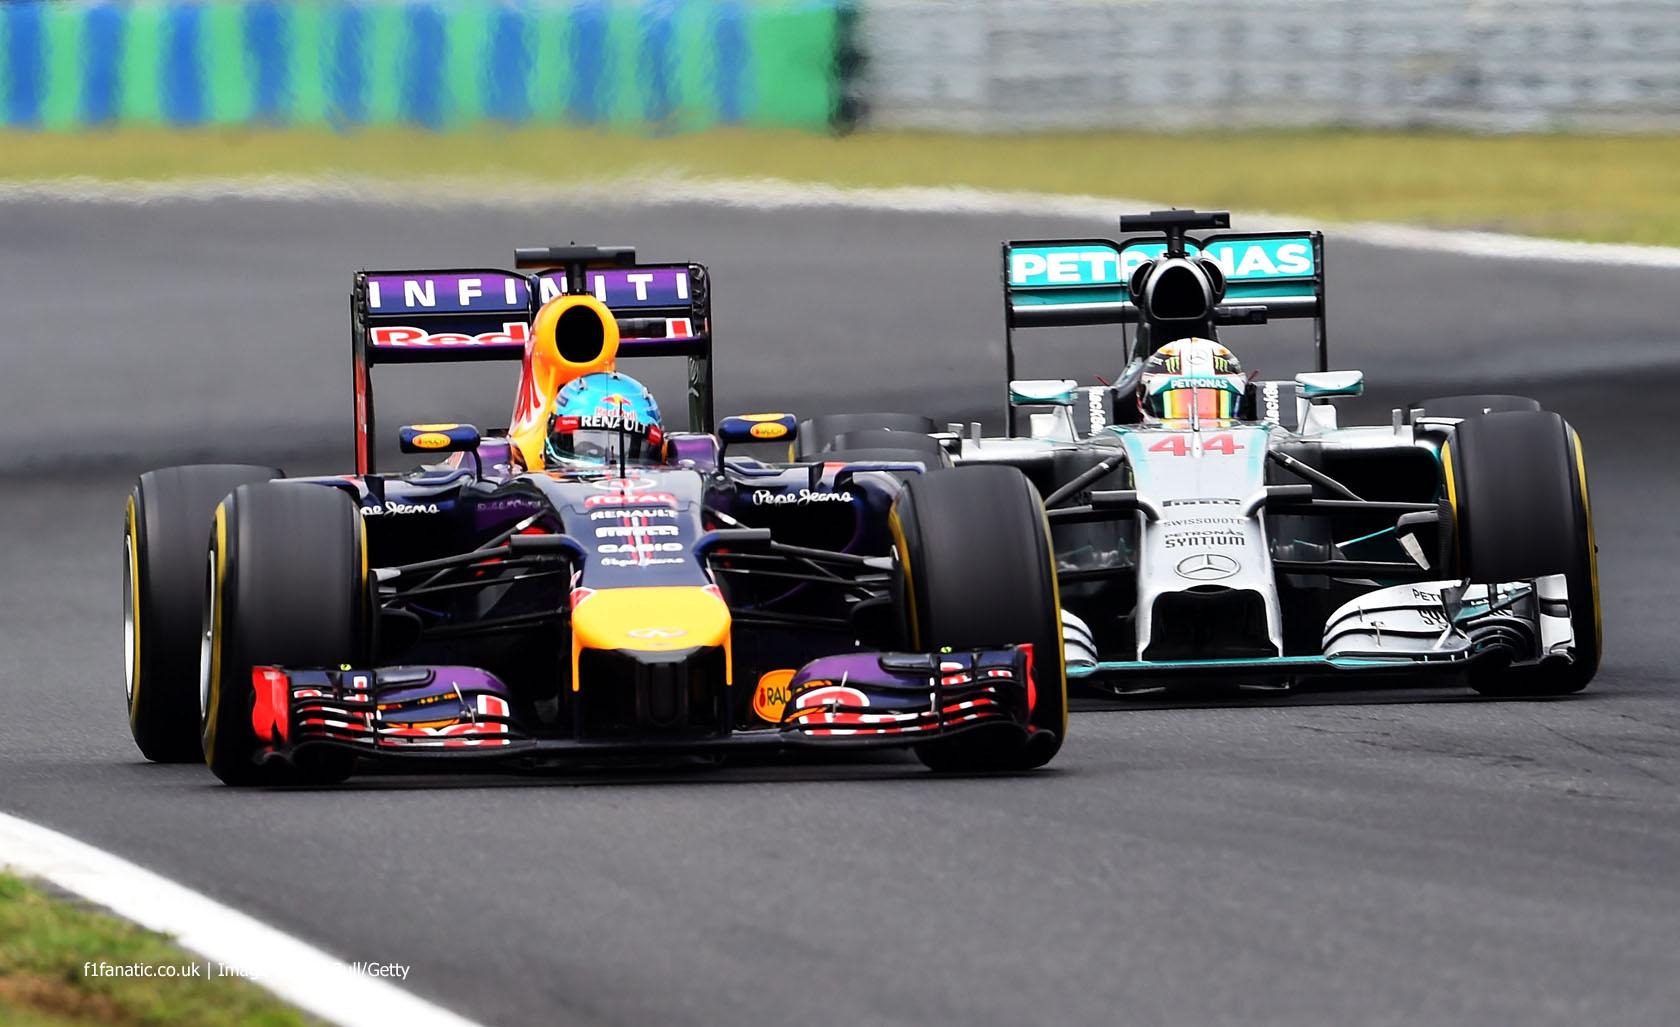 Sebastian Vettel, Red Bull, Hungaroring, 2014